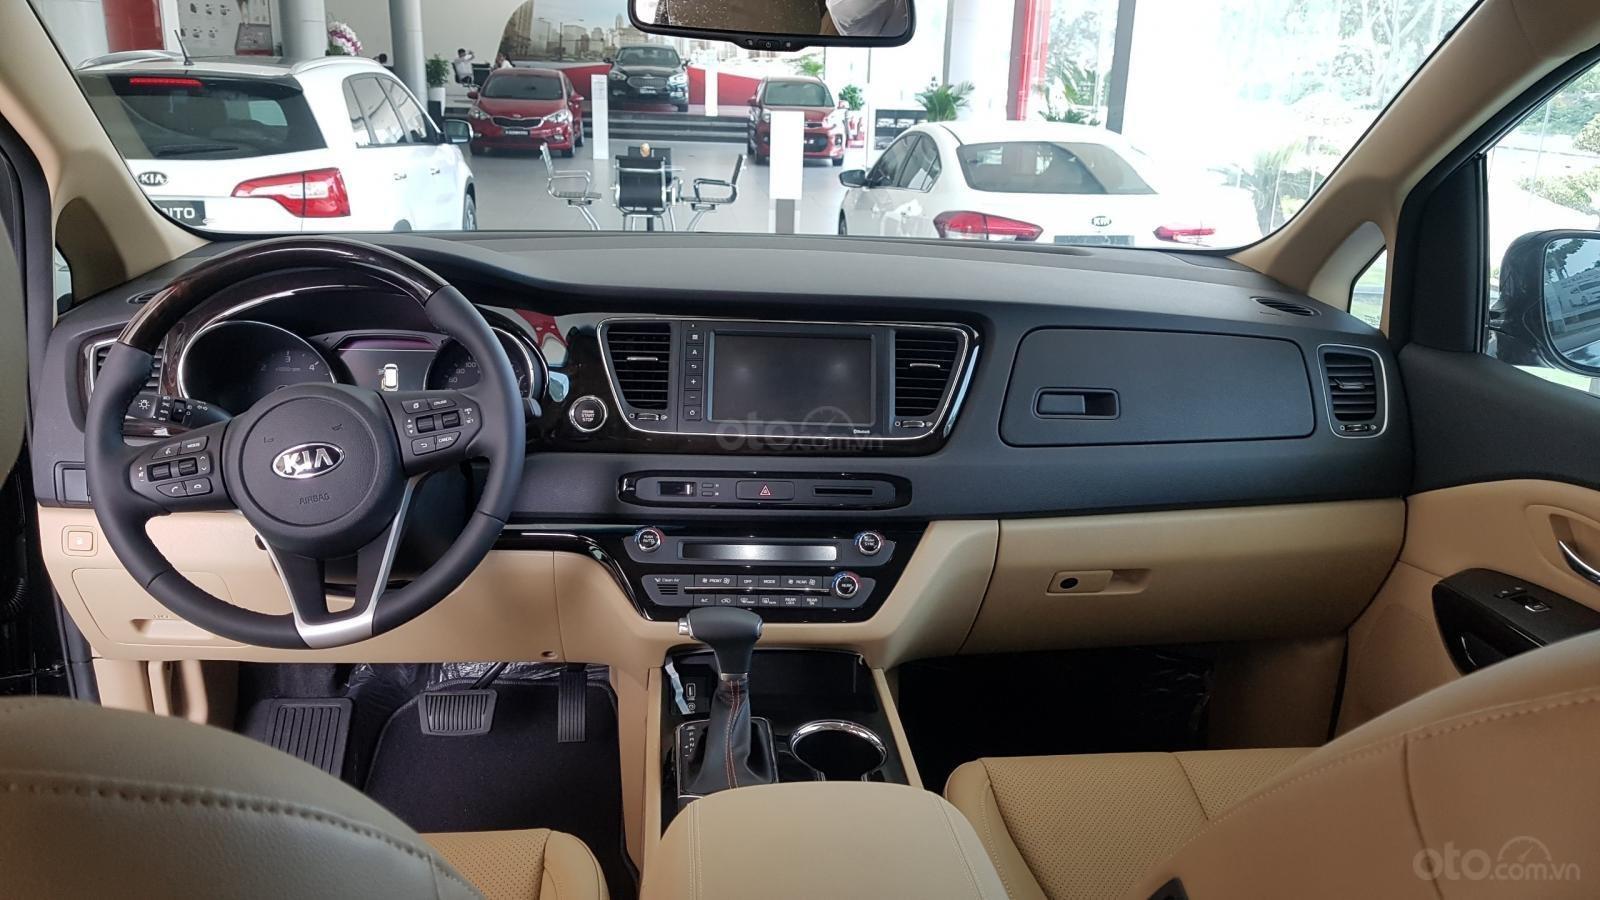 Kia Sedona 2019 mới 100%, tặng 1 năm bảo hiểm vật chất, có xe giao ngay - LH: 0909198695 (Kia Phú Mỹ Hưng)-5